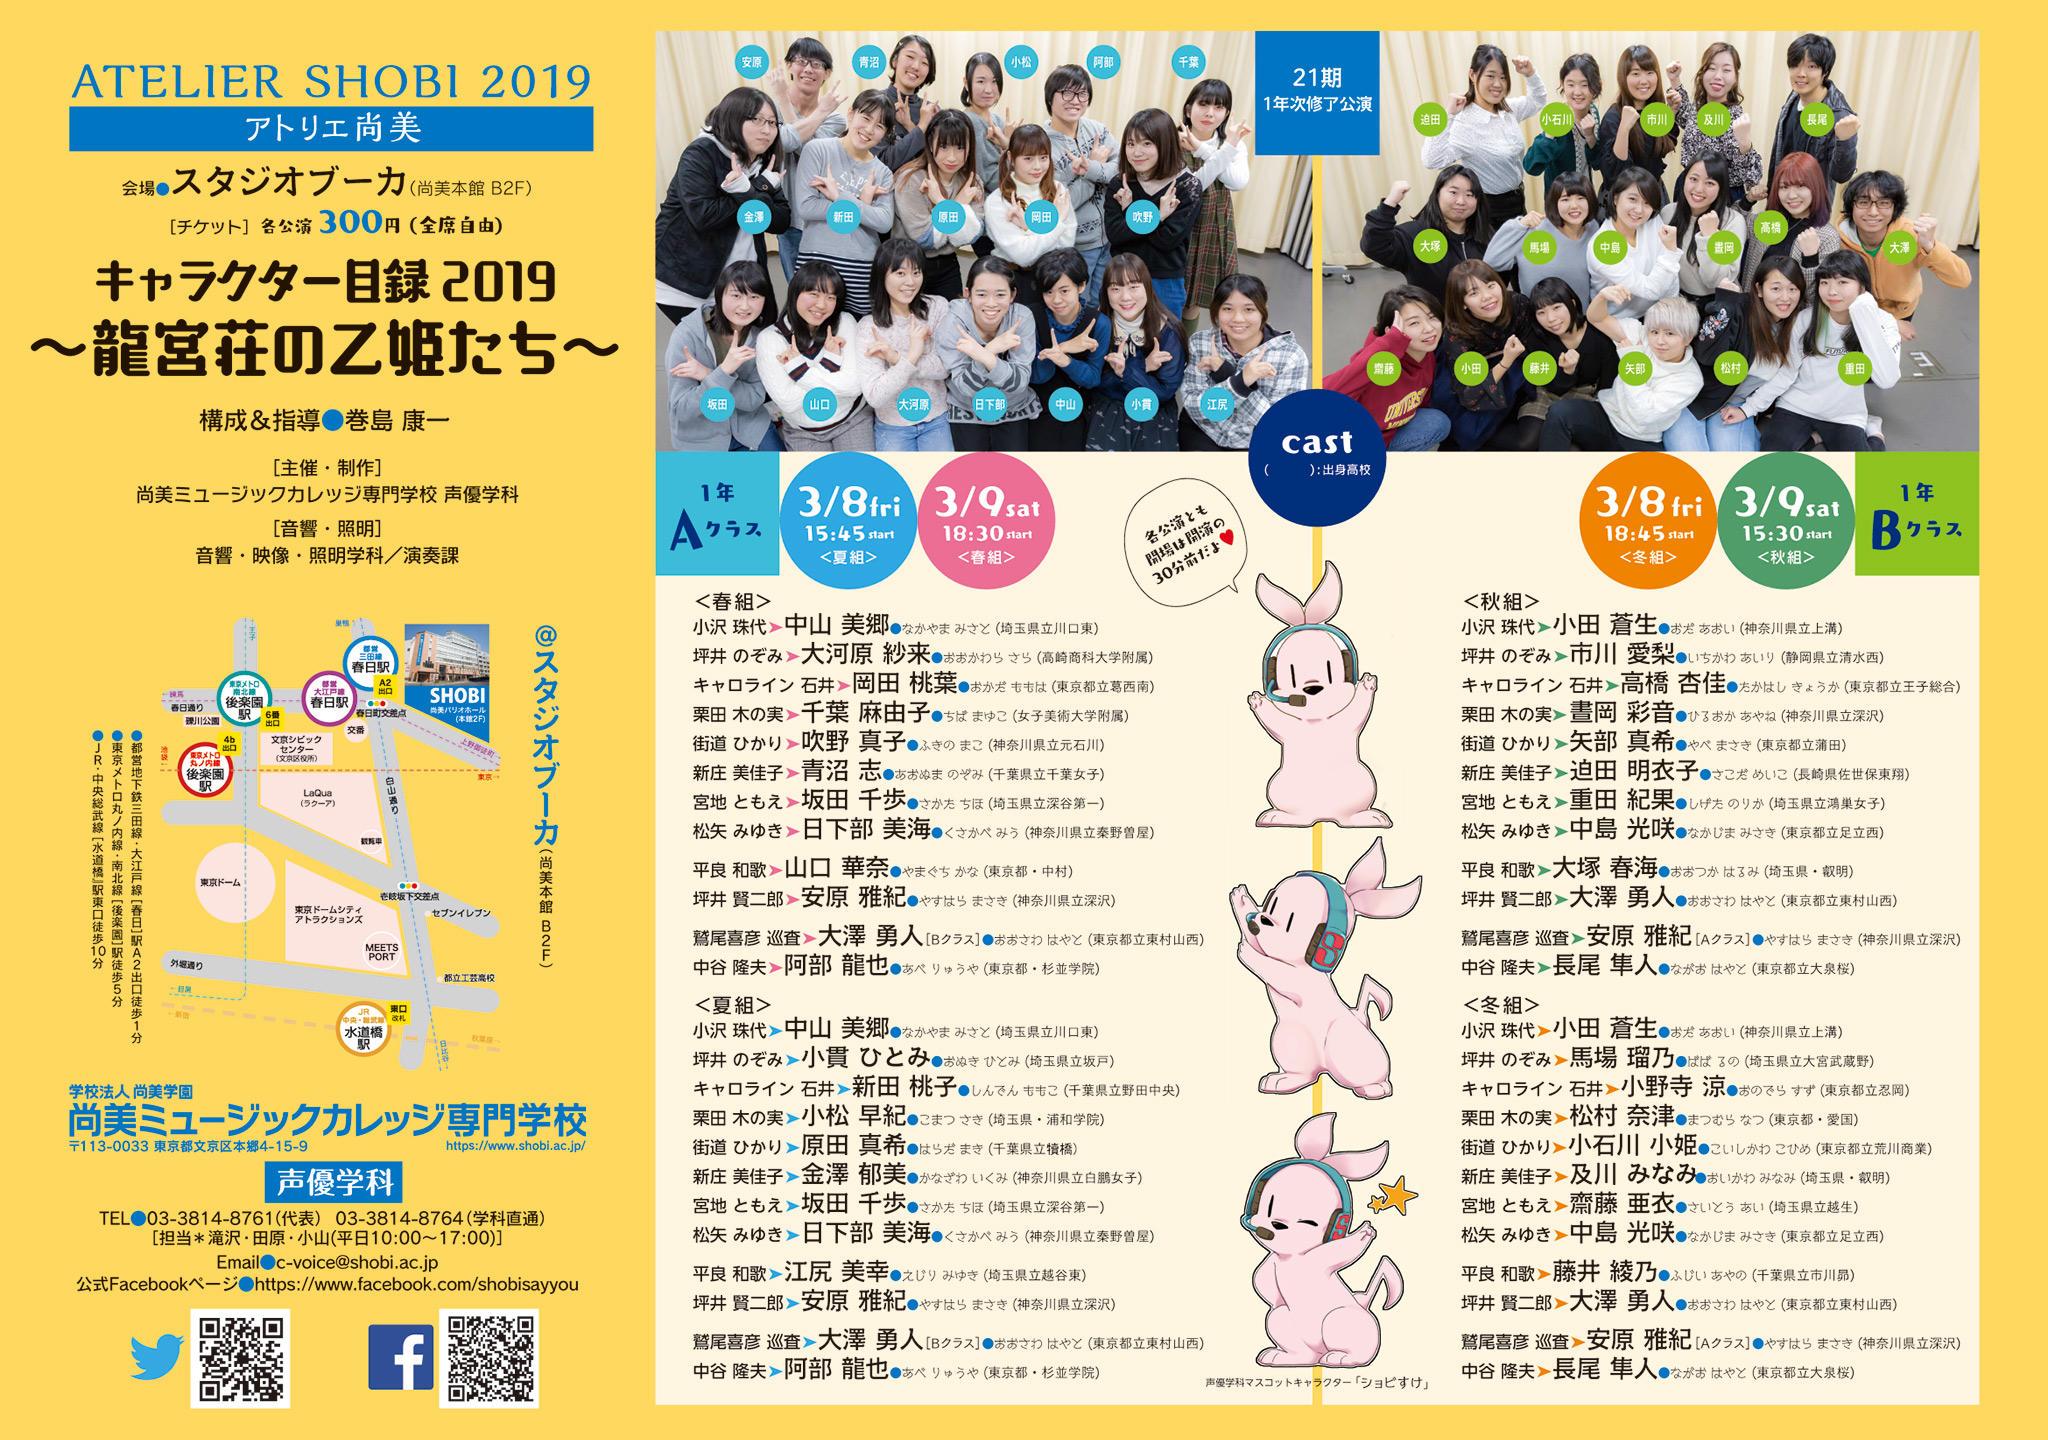 https://www.shobi.ac.jp/event/20190308-09_va_atelier_02.jpg